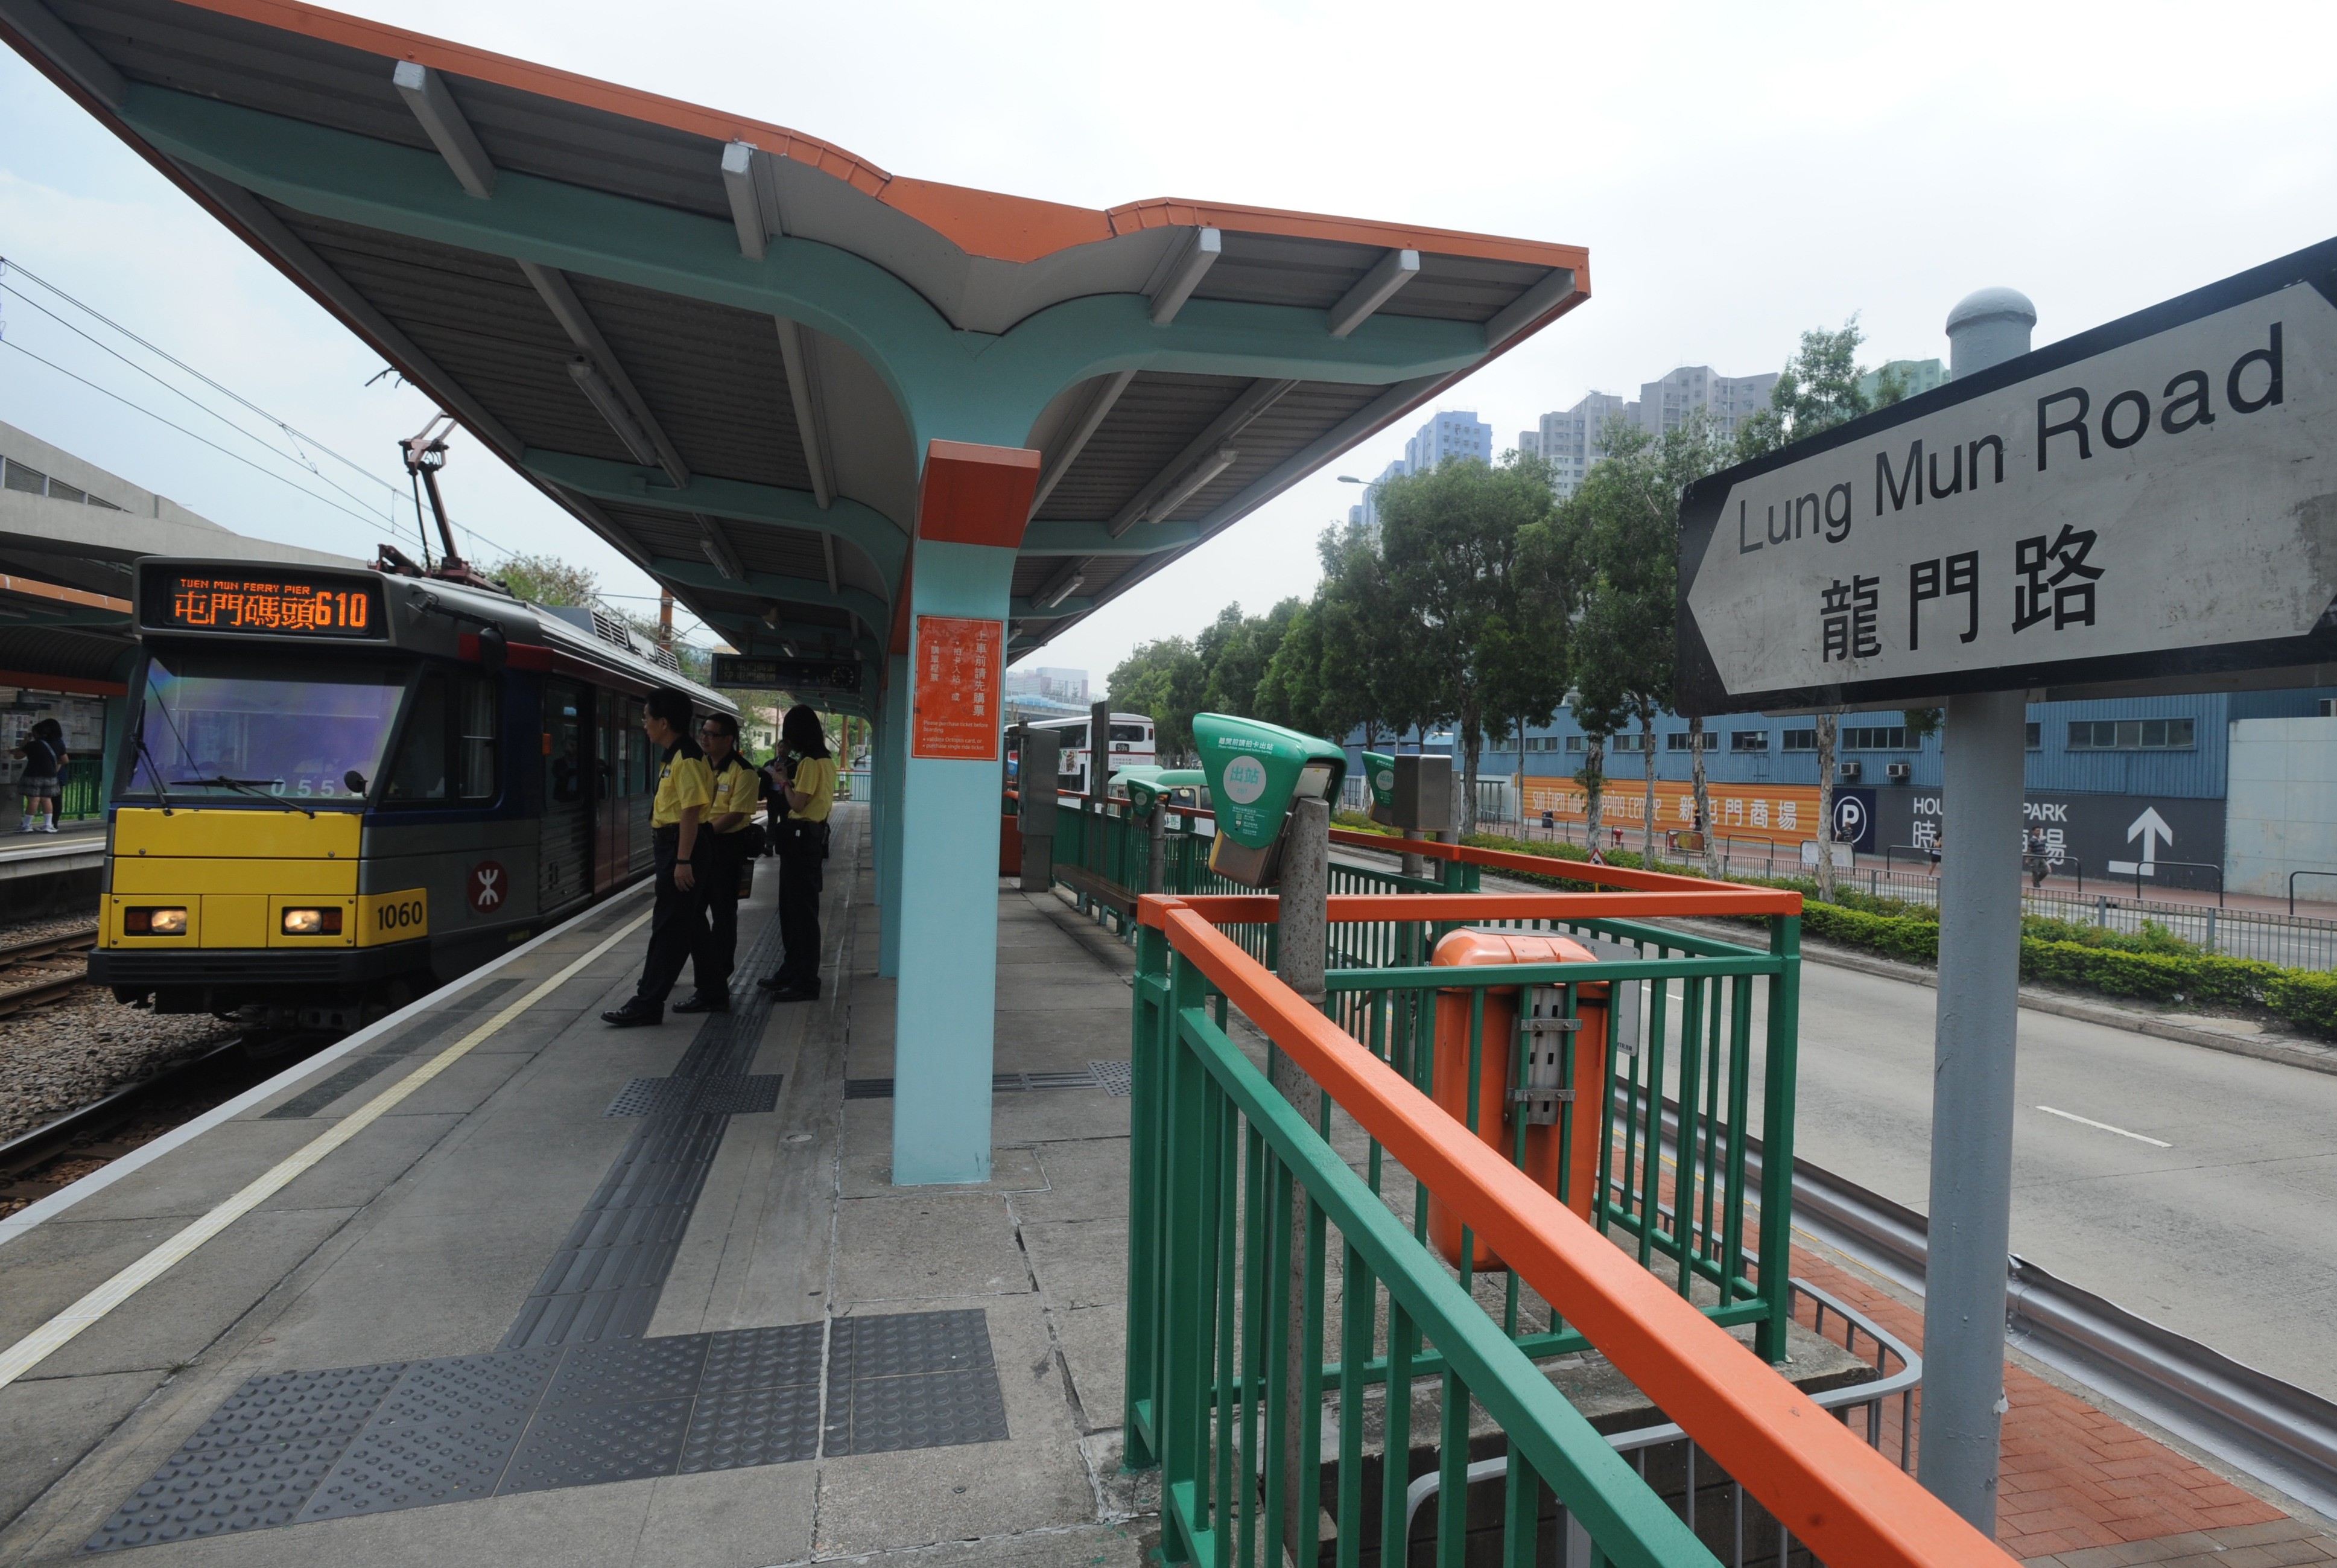 【修例风波】青年涉毁坏屯门轻铁站设施被拒保释 官指有机会重犯